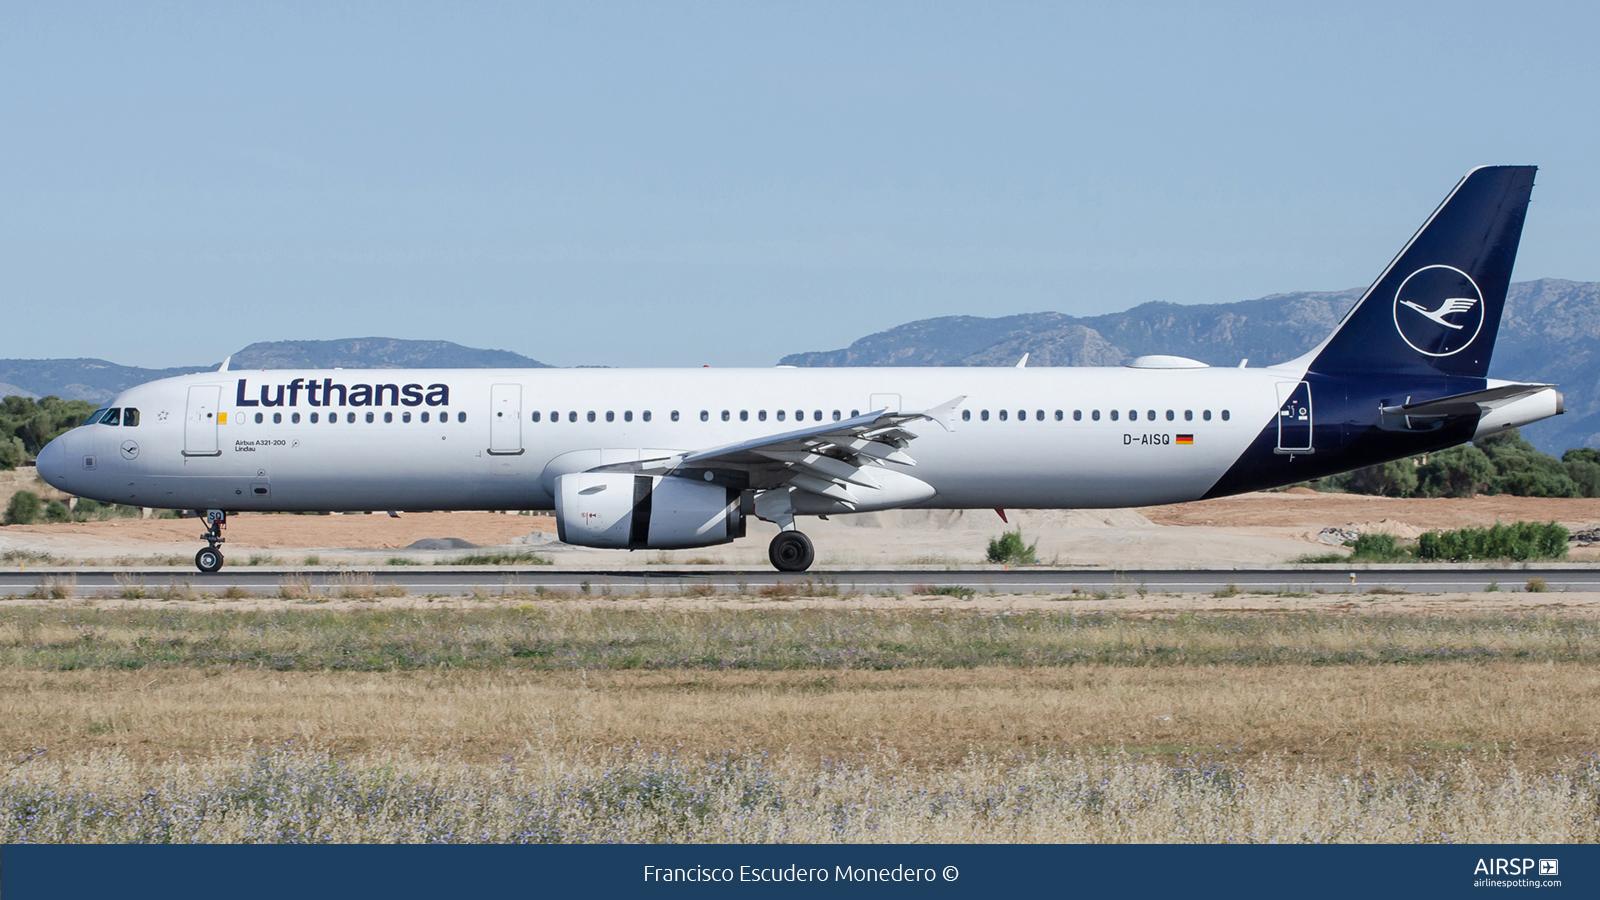 Lufthansa  Airbus A321  D-AISQ